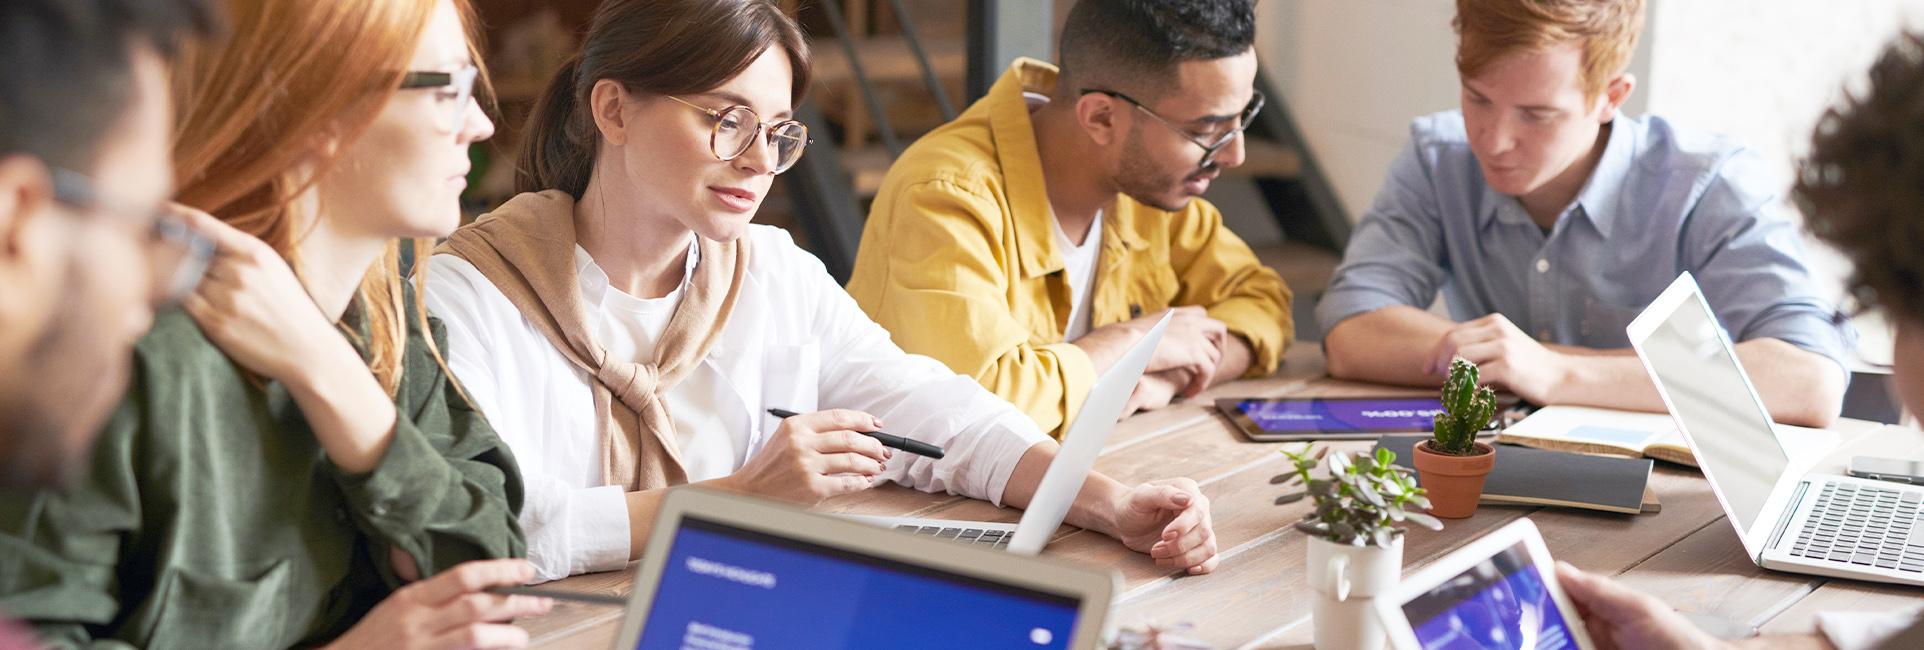 Studierende lernen gemeinsam auf eine Prüfung.